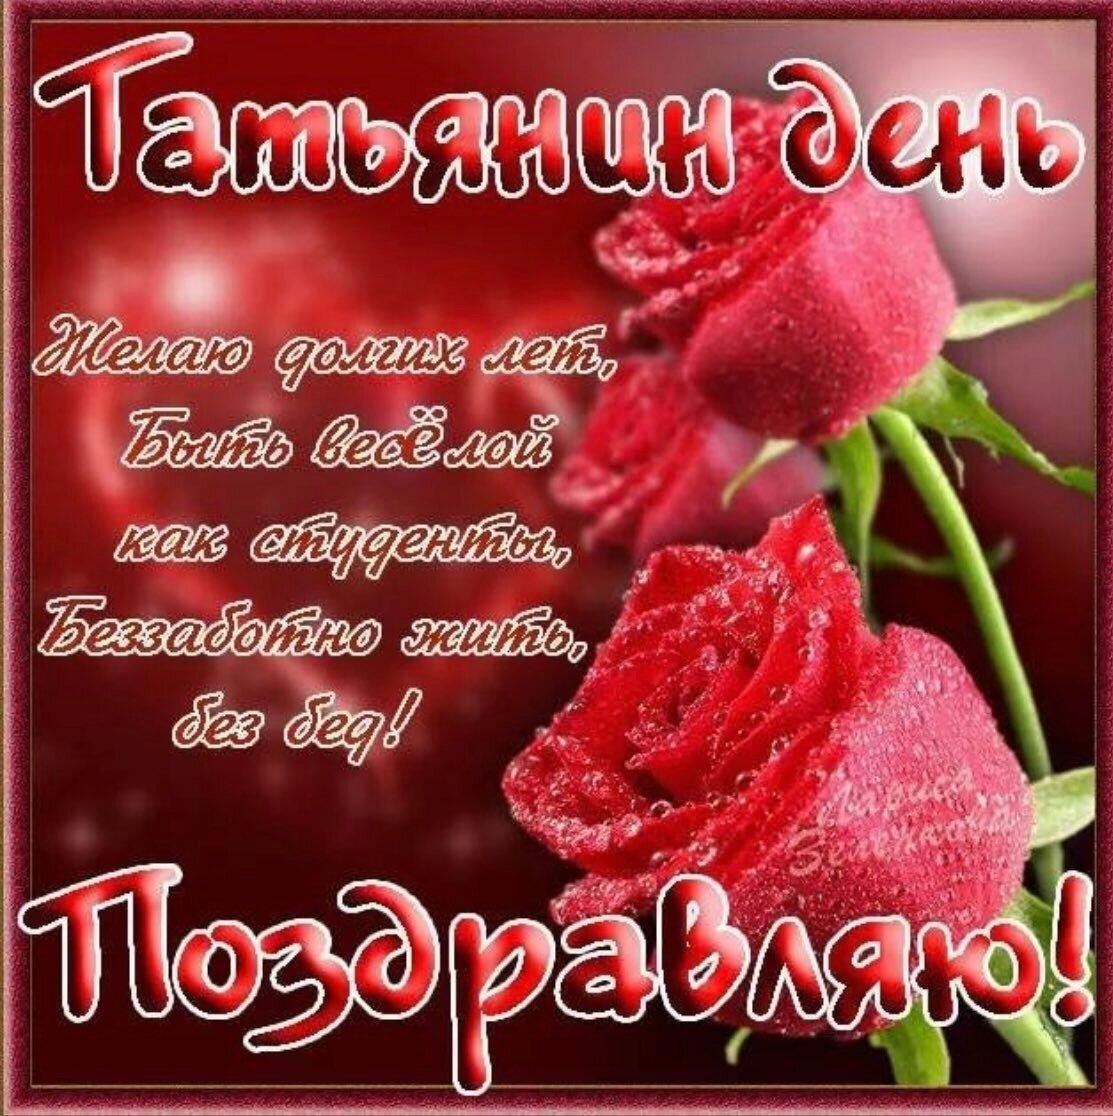 честь картинки на праздник день татьяны песни музыка